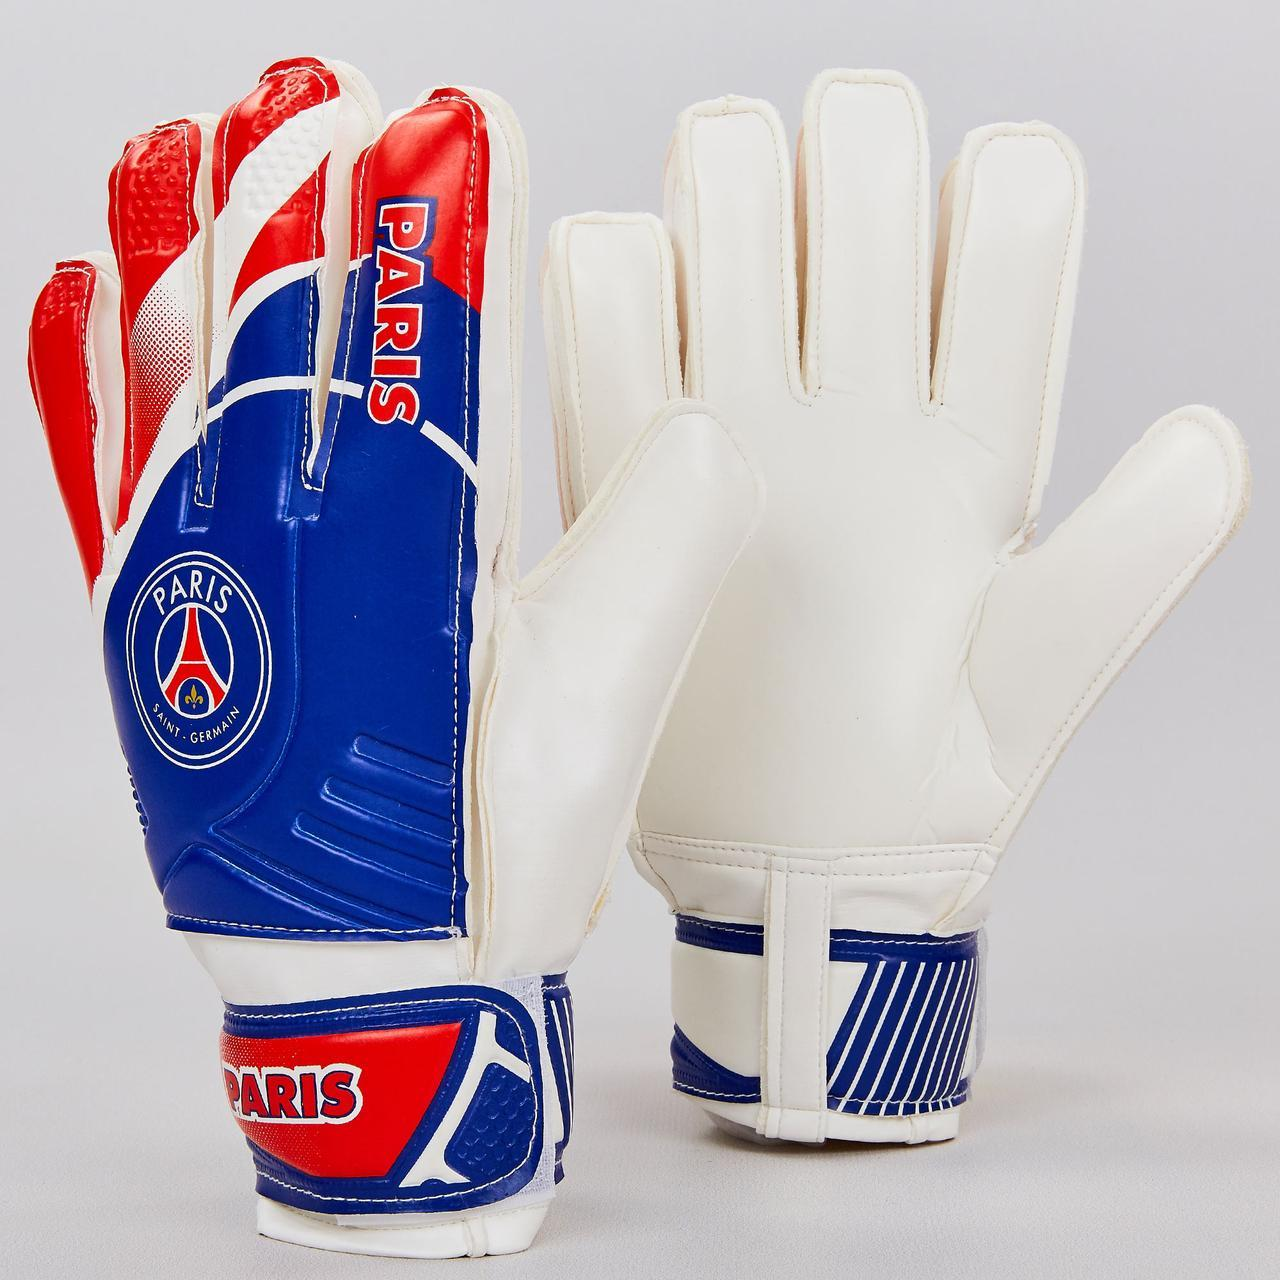 Перчатки вратарские FB-0187-2 PARIS SAINT-GERMAIN (PVC, р-р 8-10, синий-красный)